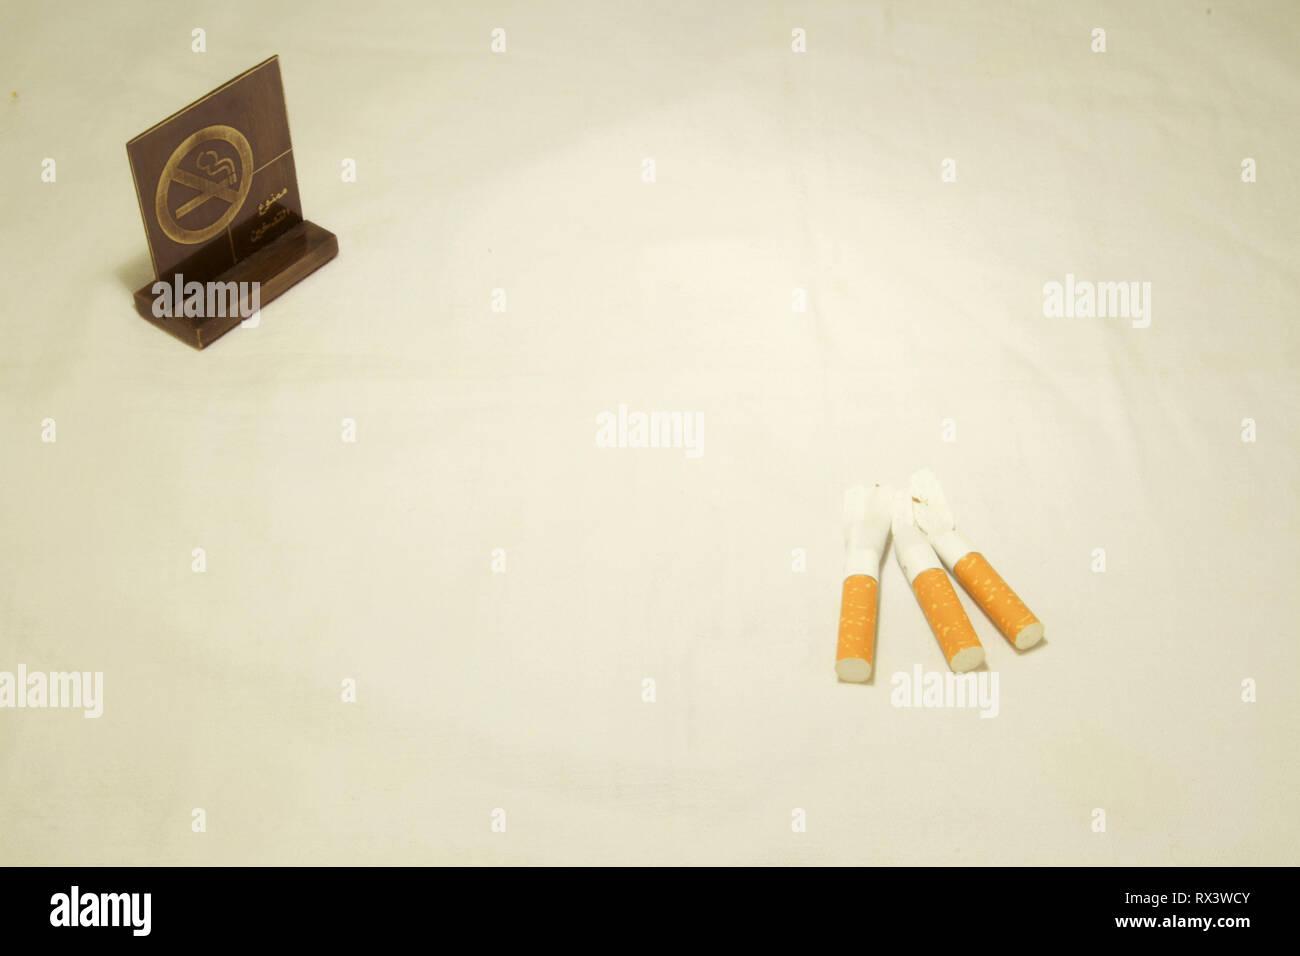 Dubai-No rauchen Metall Tag mit Zigaretten auf dem Tisch 9 Stockbild